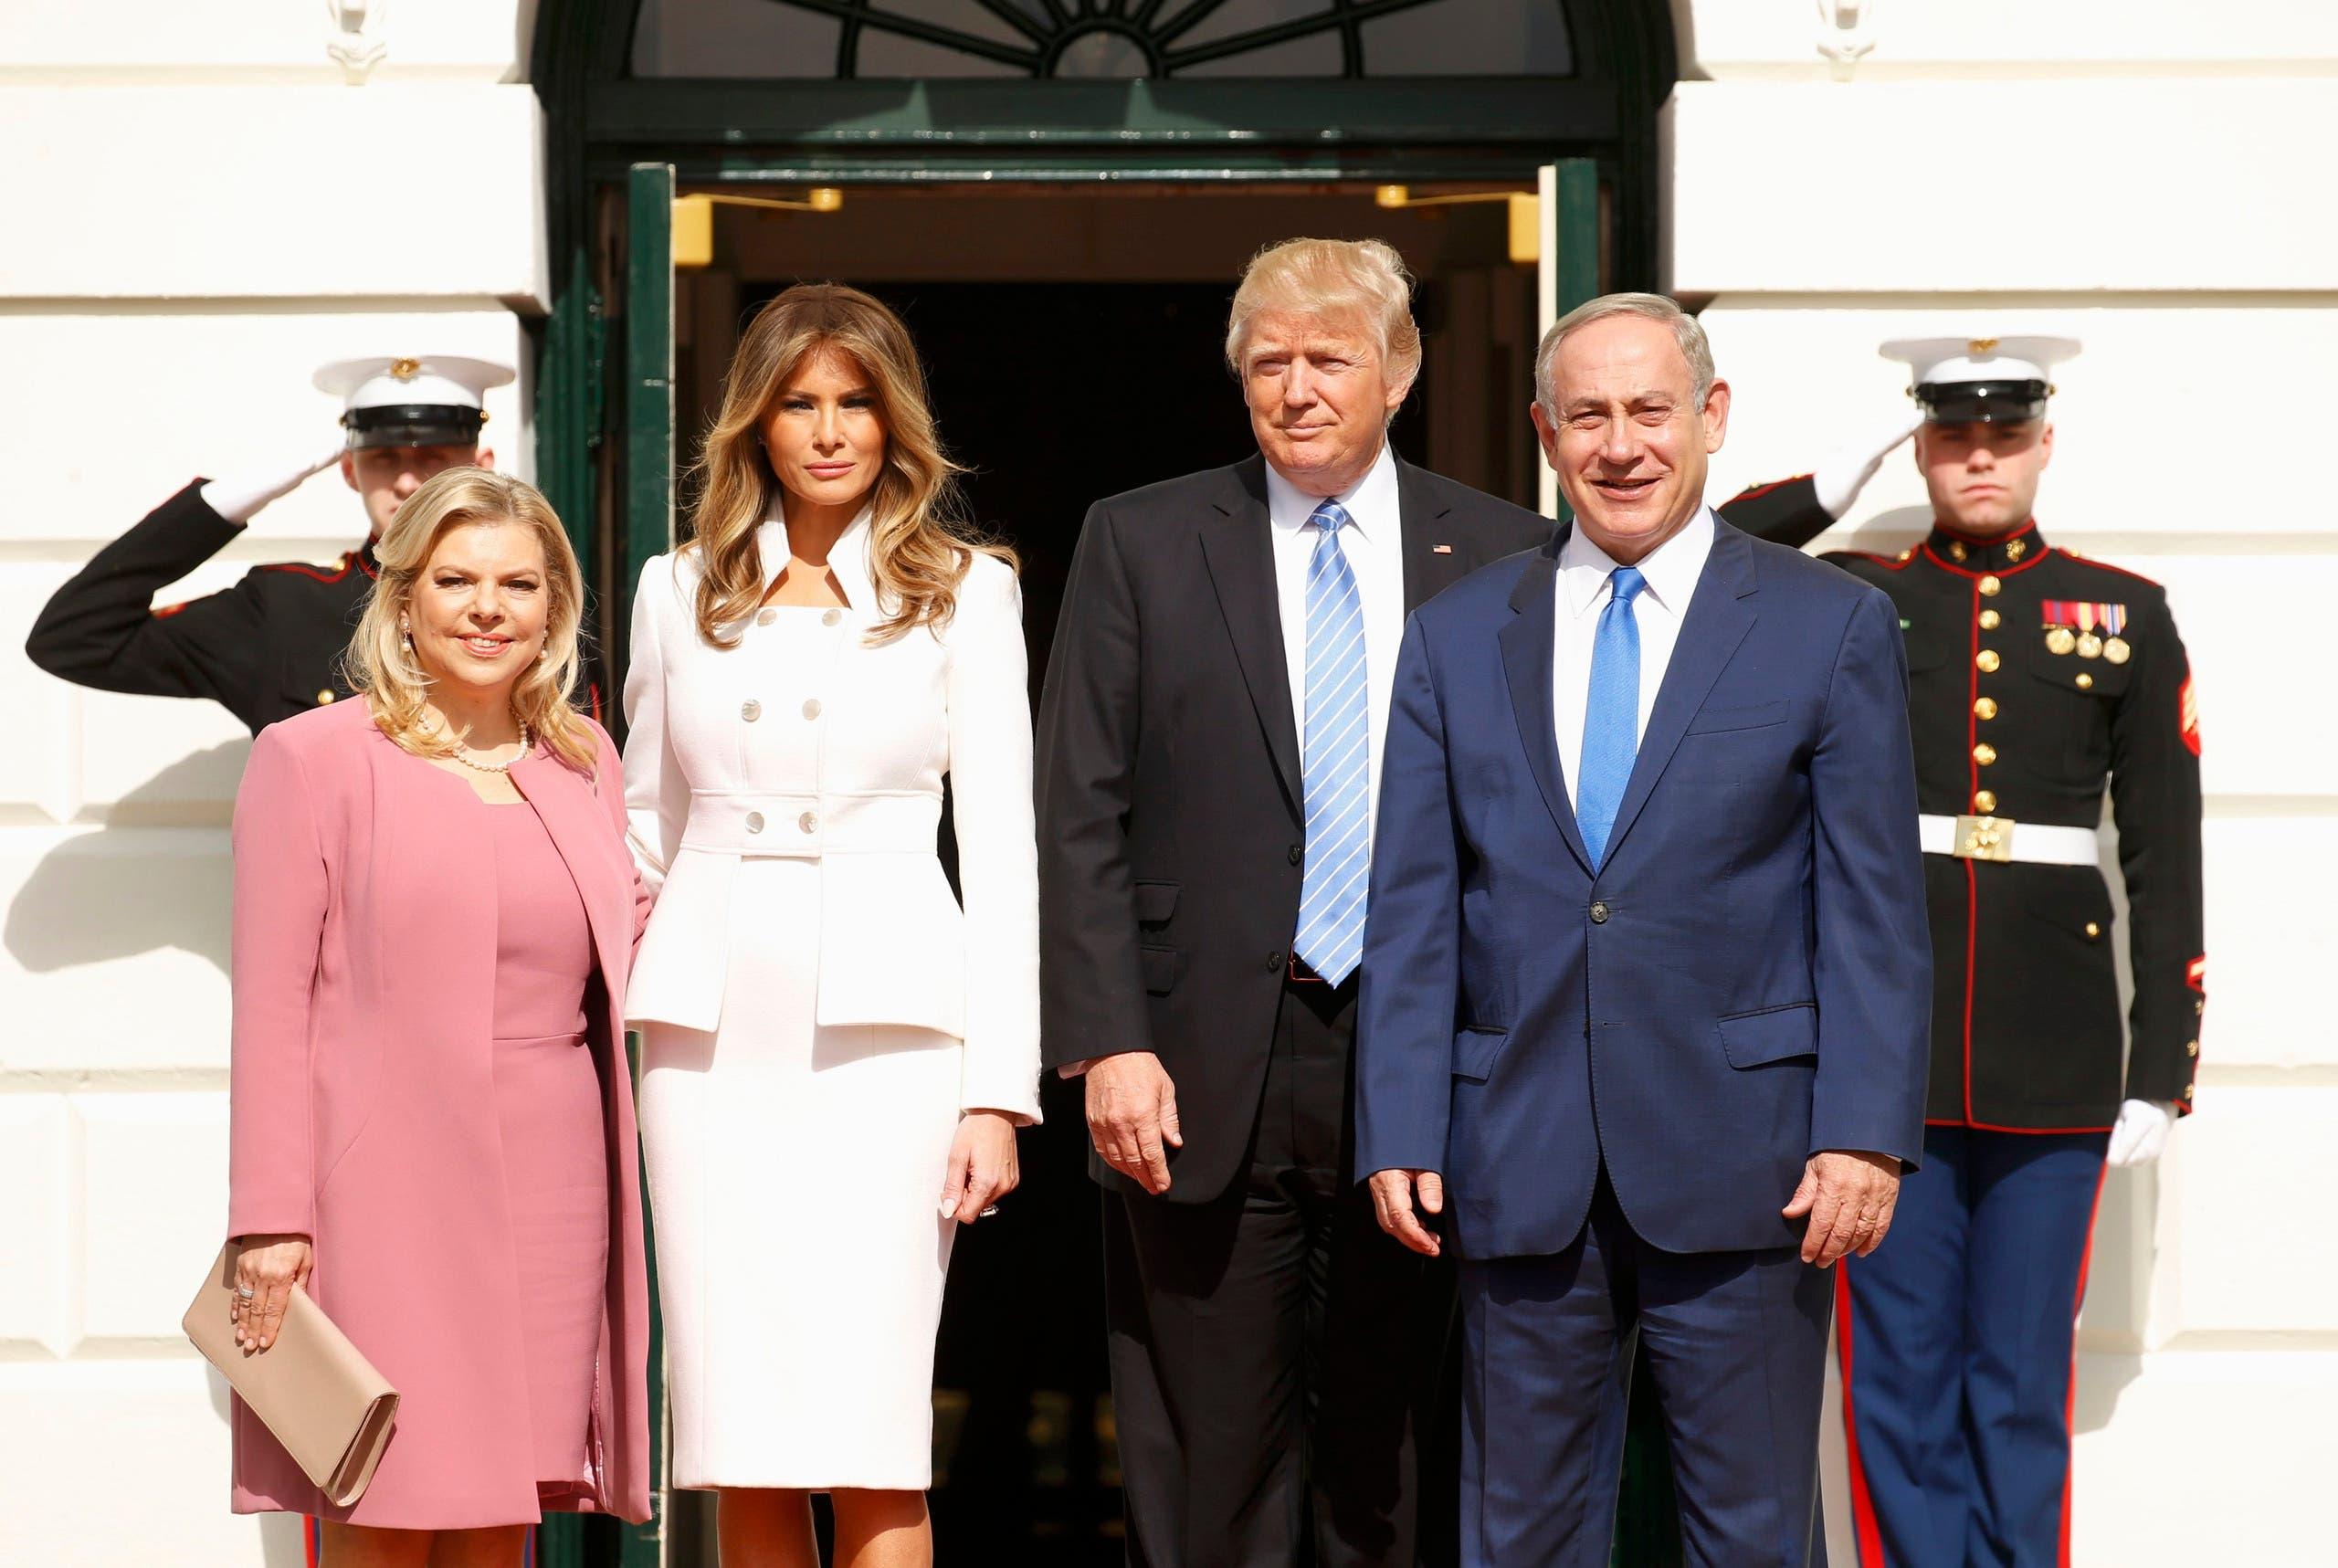 اعتبرت حكومة إسرائيل بعض التصريحات الأميركية ضوءاً أخضر لبناء المستوطنات